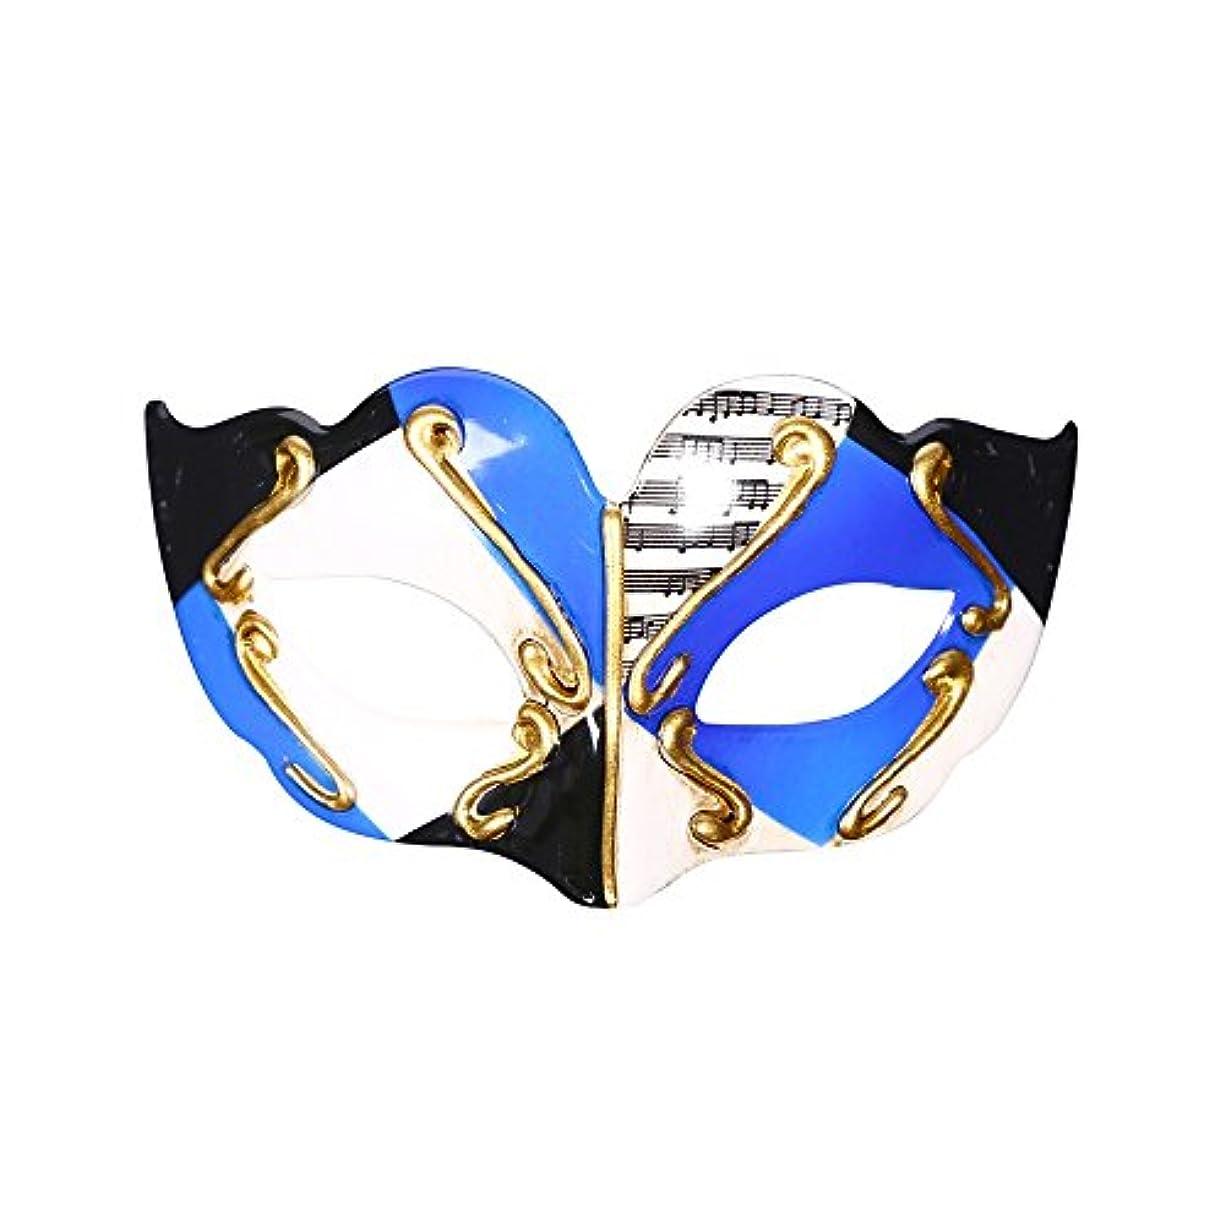 行商うるさい代替案ハロウィーン仮装マスクフラットヘッドハーフフェイスハードプラスチック子供用マスク (Color : #2)